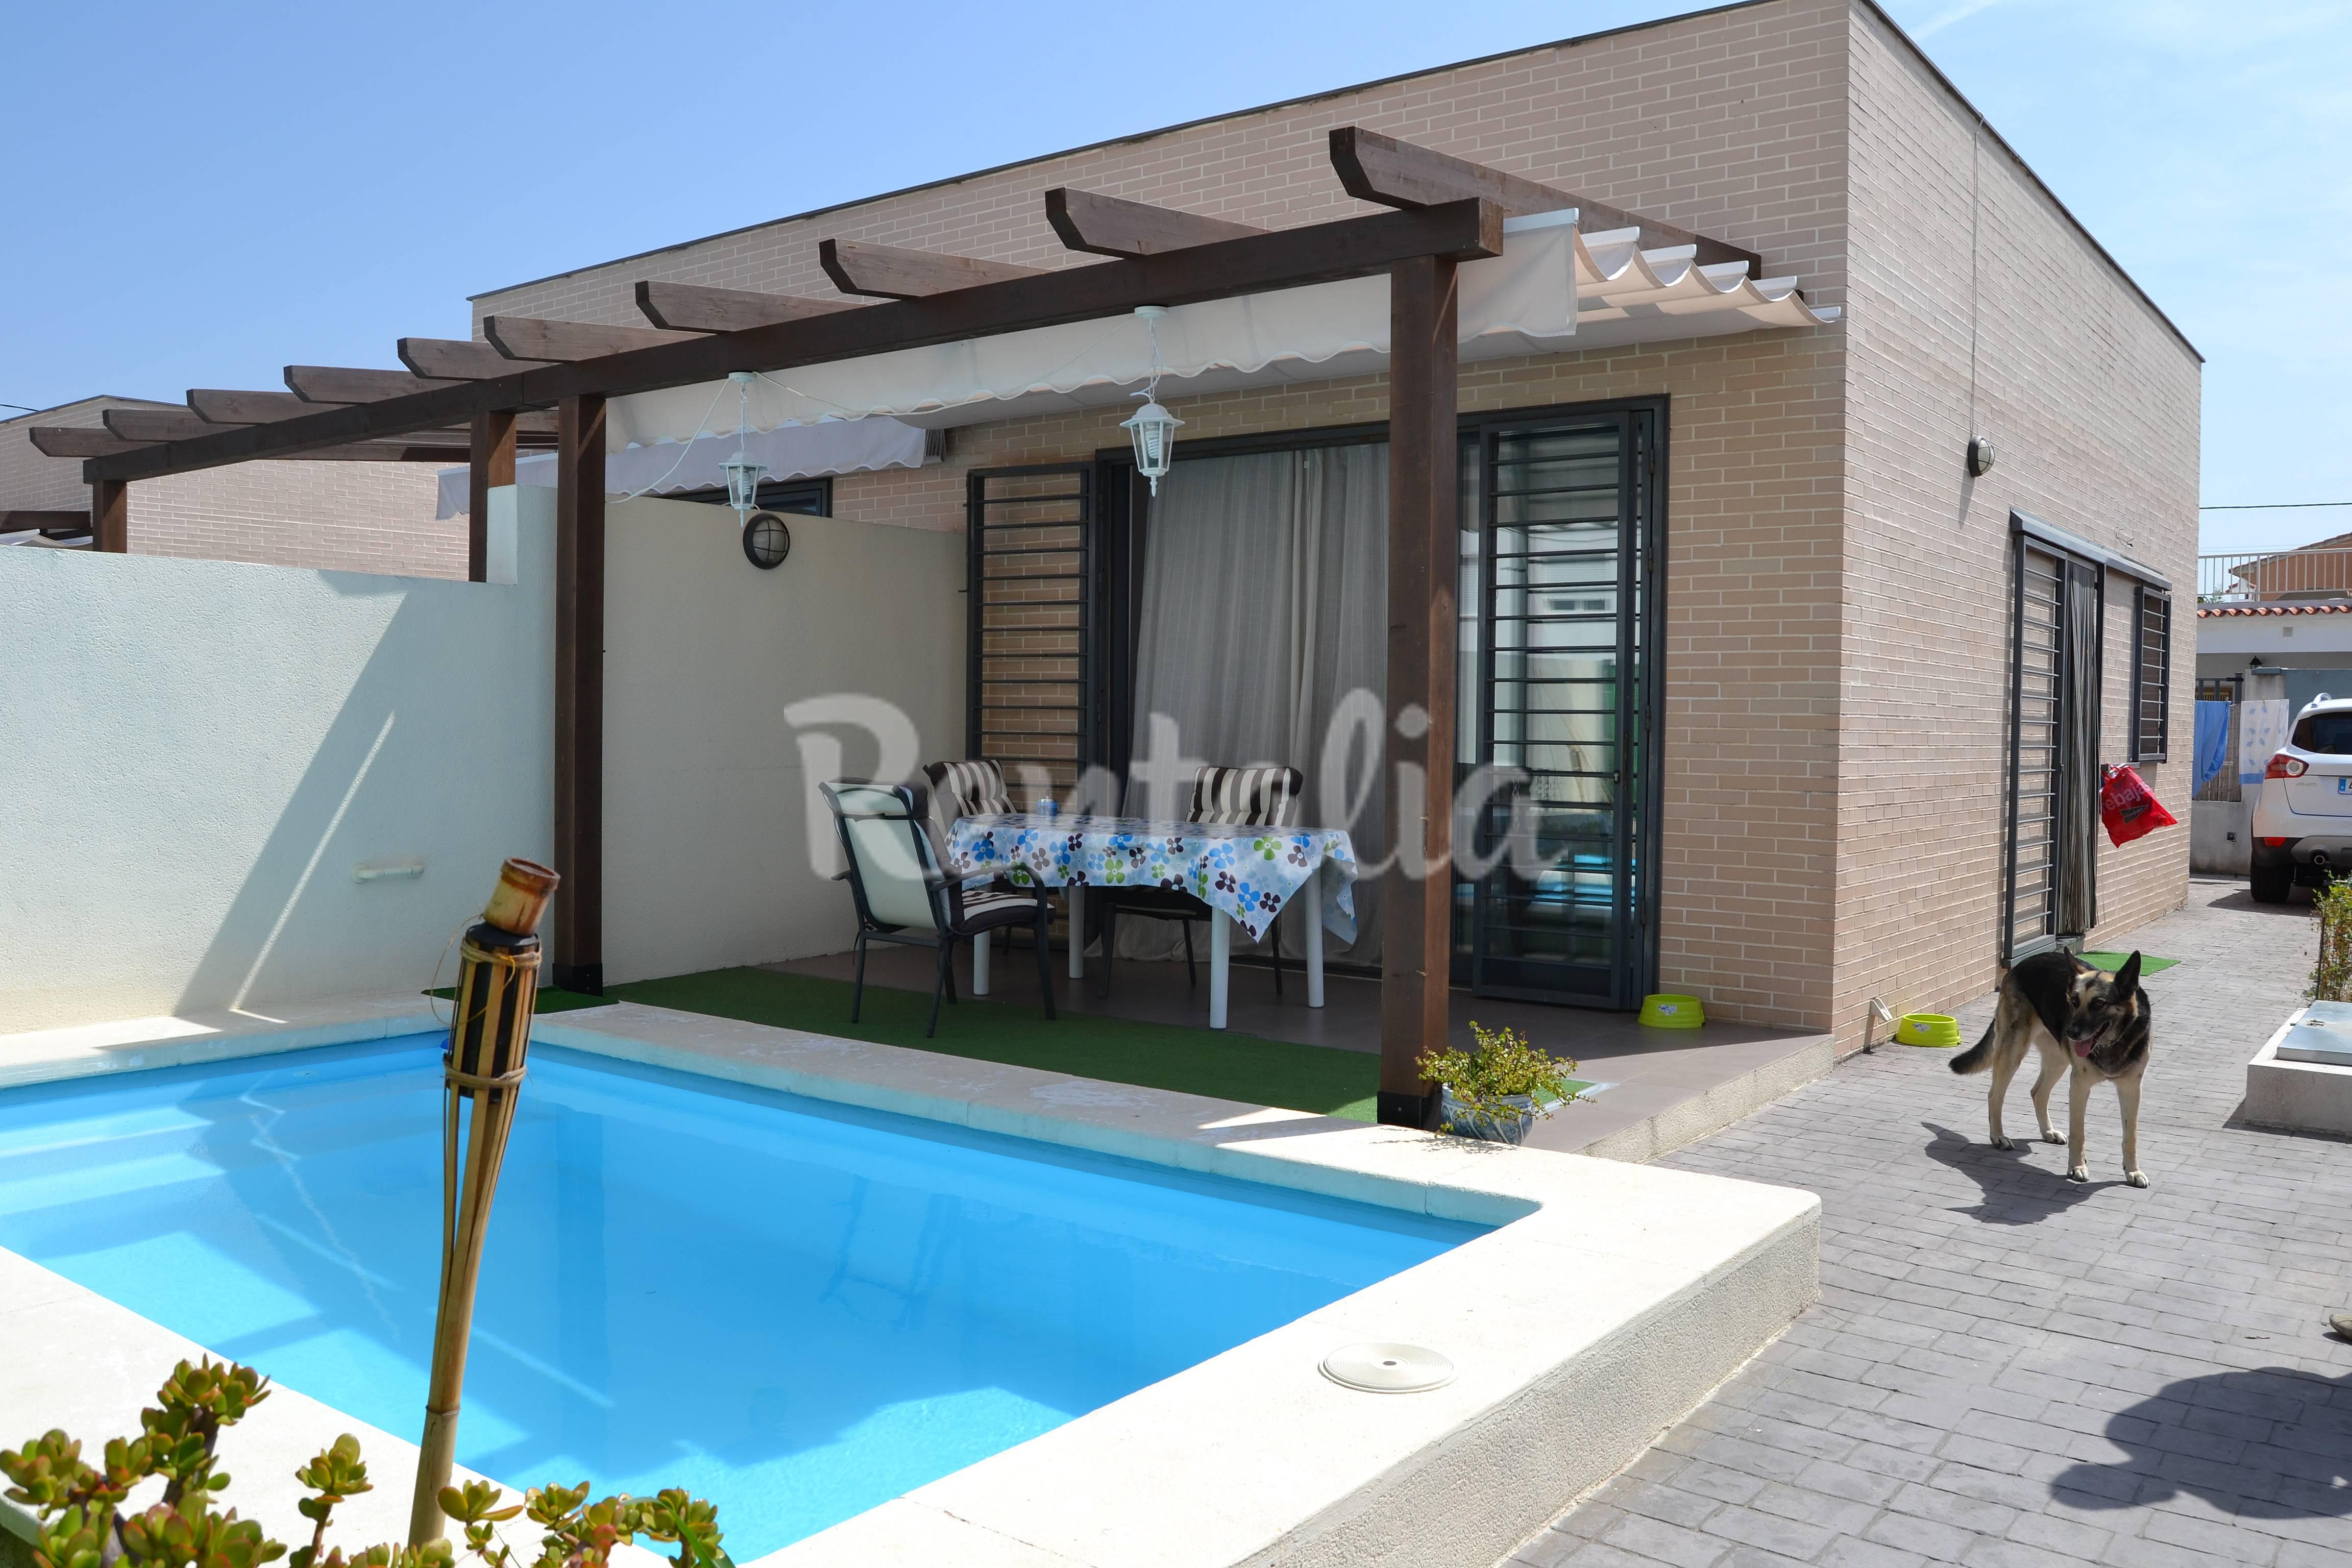 Casa en alquiler a 150 m de la playa oliva playa oliva valencia - Alquiler de casas en logrono ...